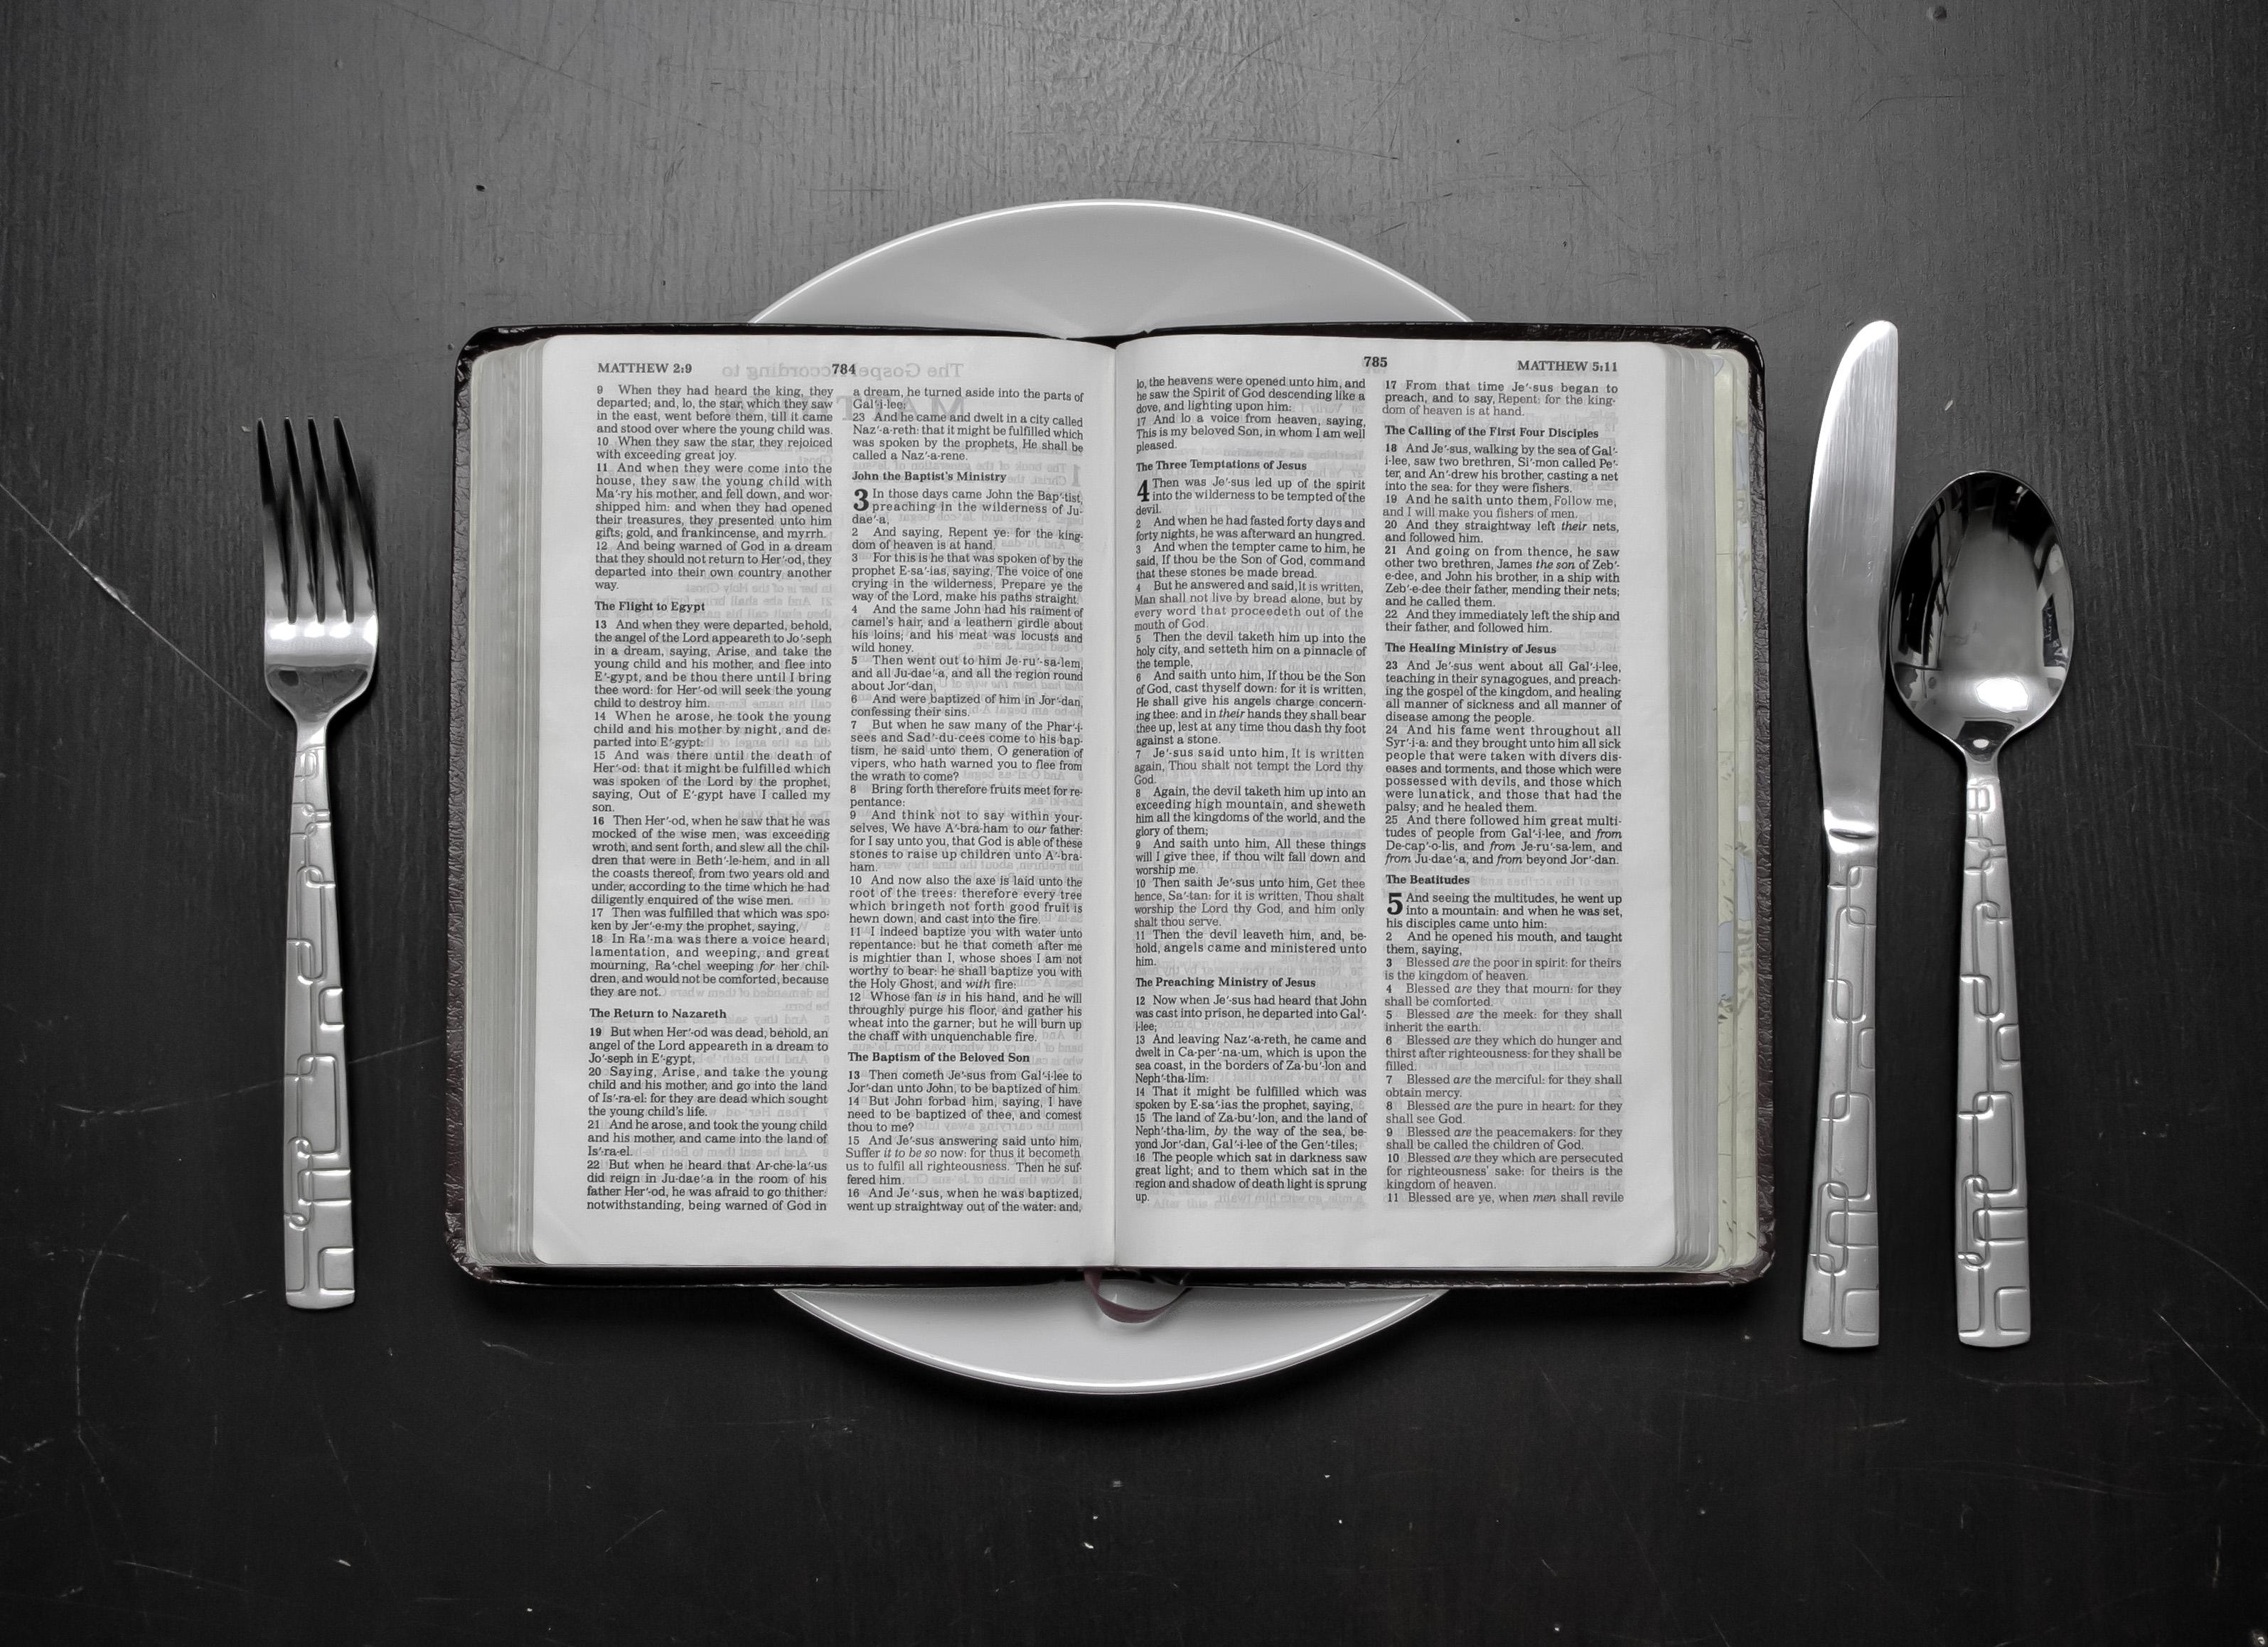 spiritual-fasting